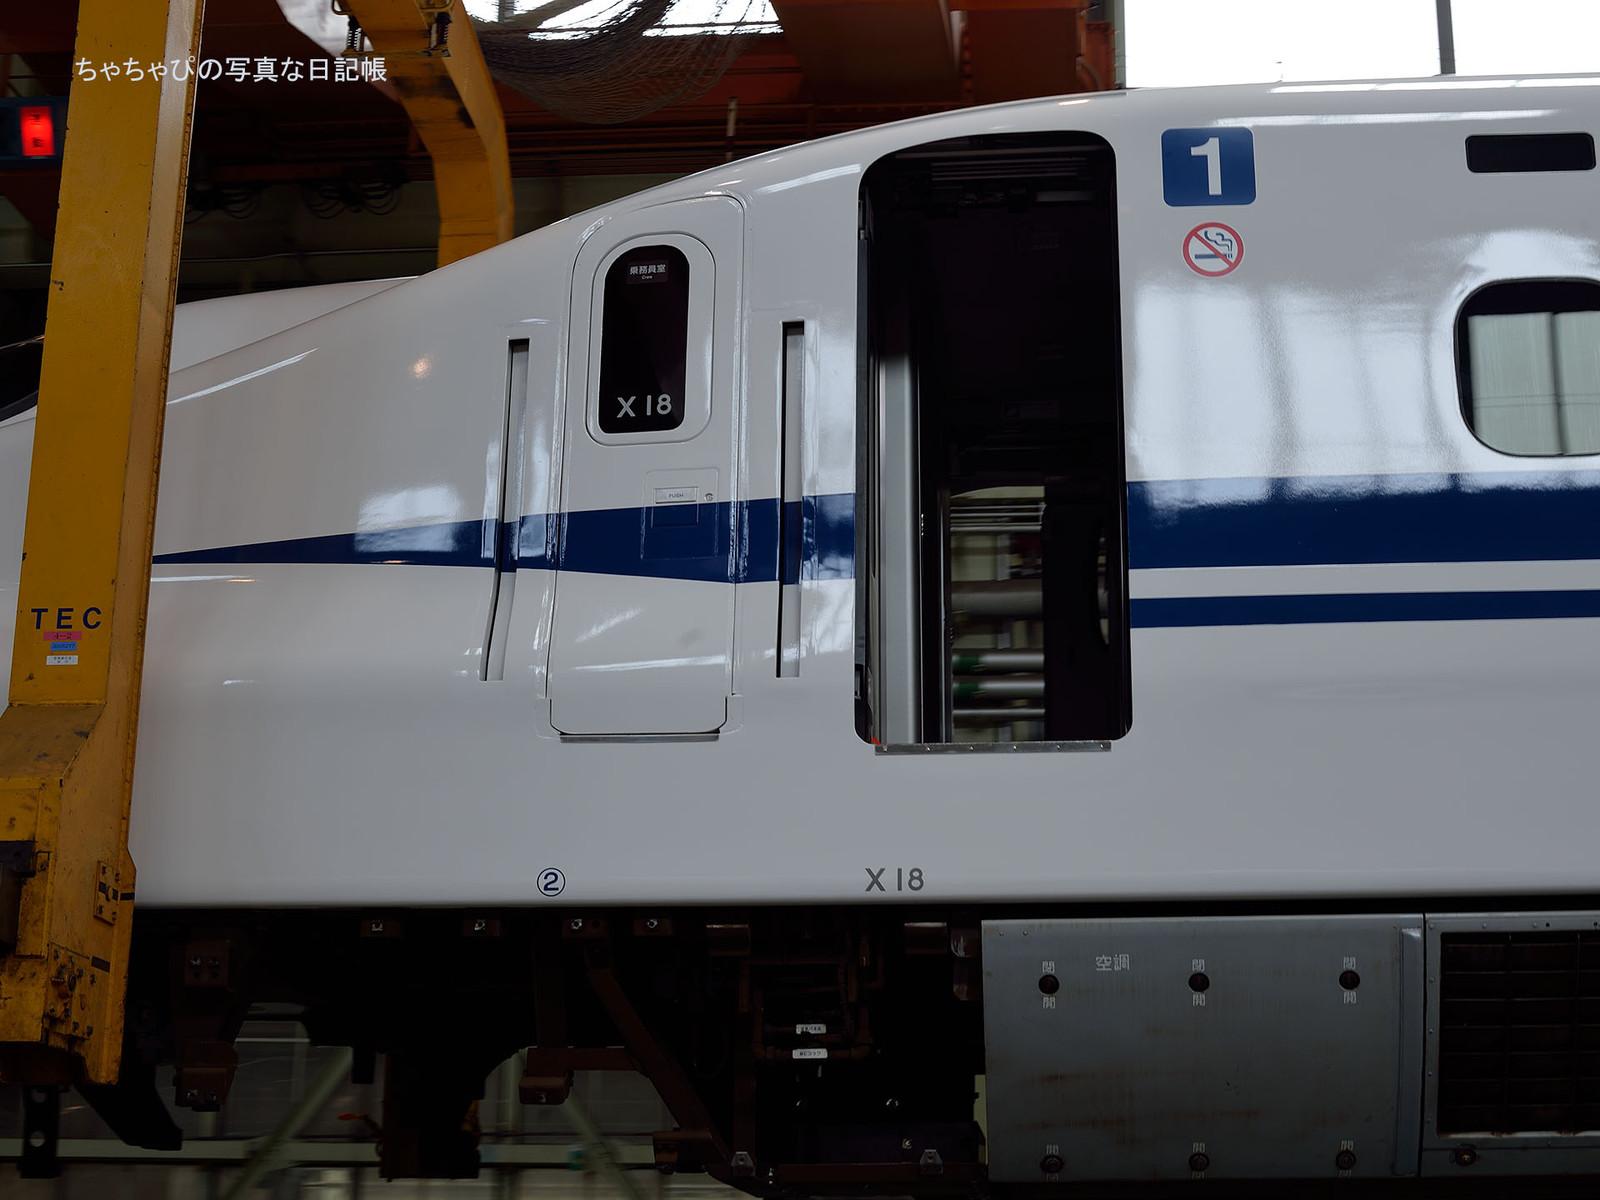 JR東海 浜松工場 新幹線なるほど発見デー 2016 N700系2000番台 -X18編成-